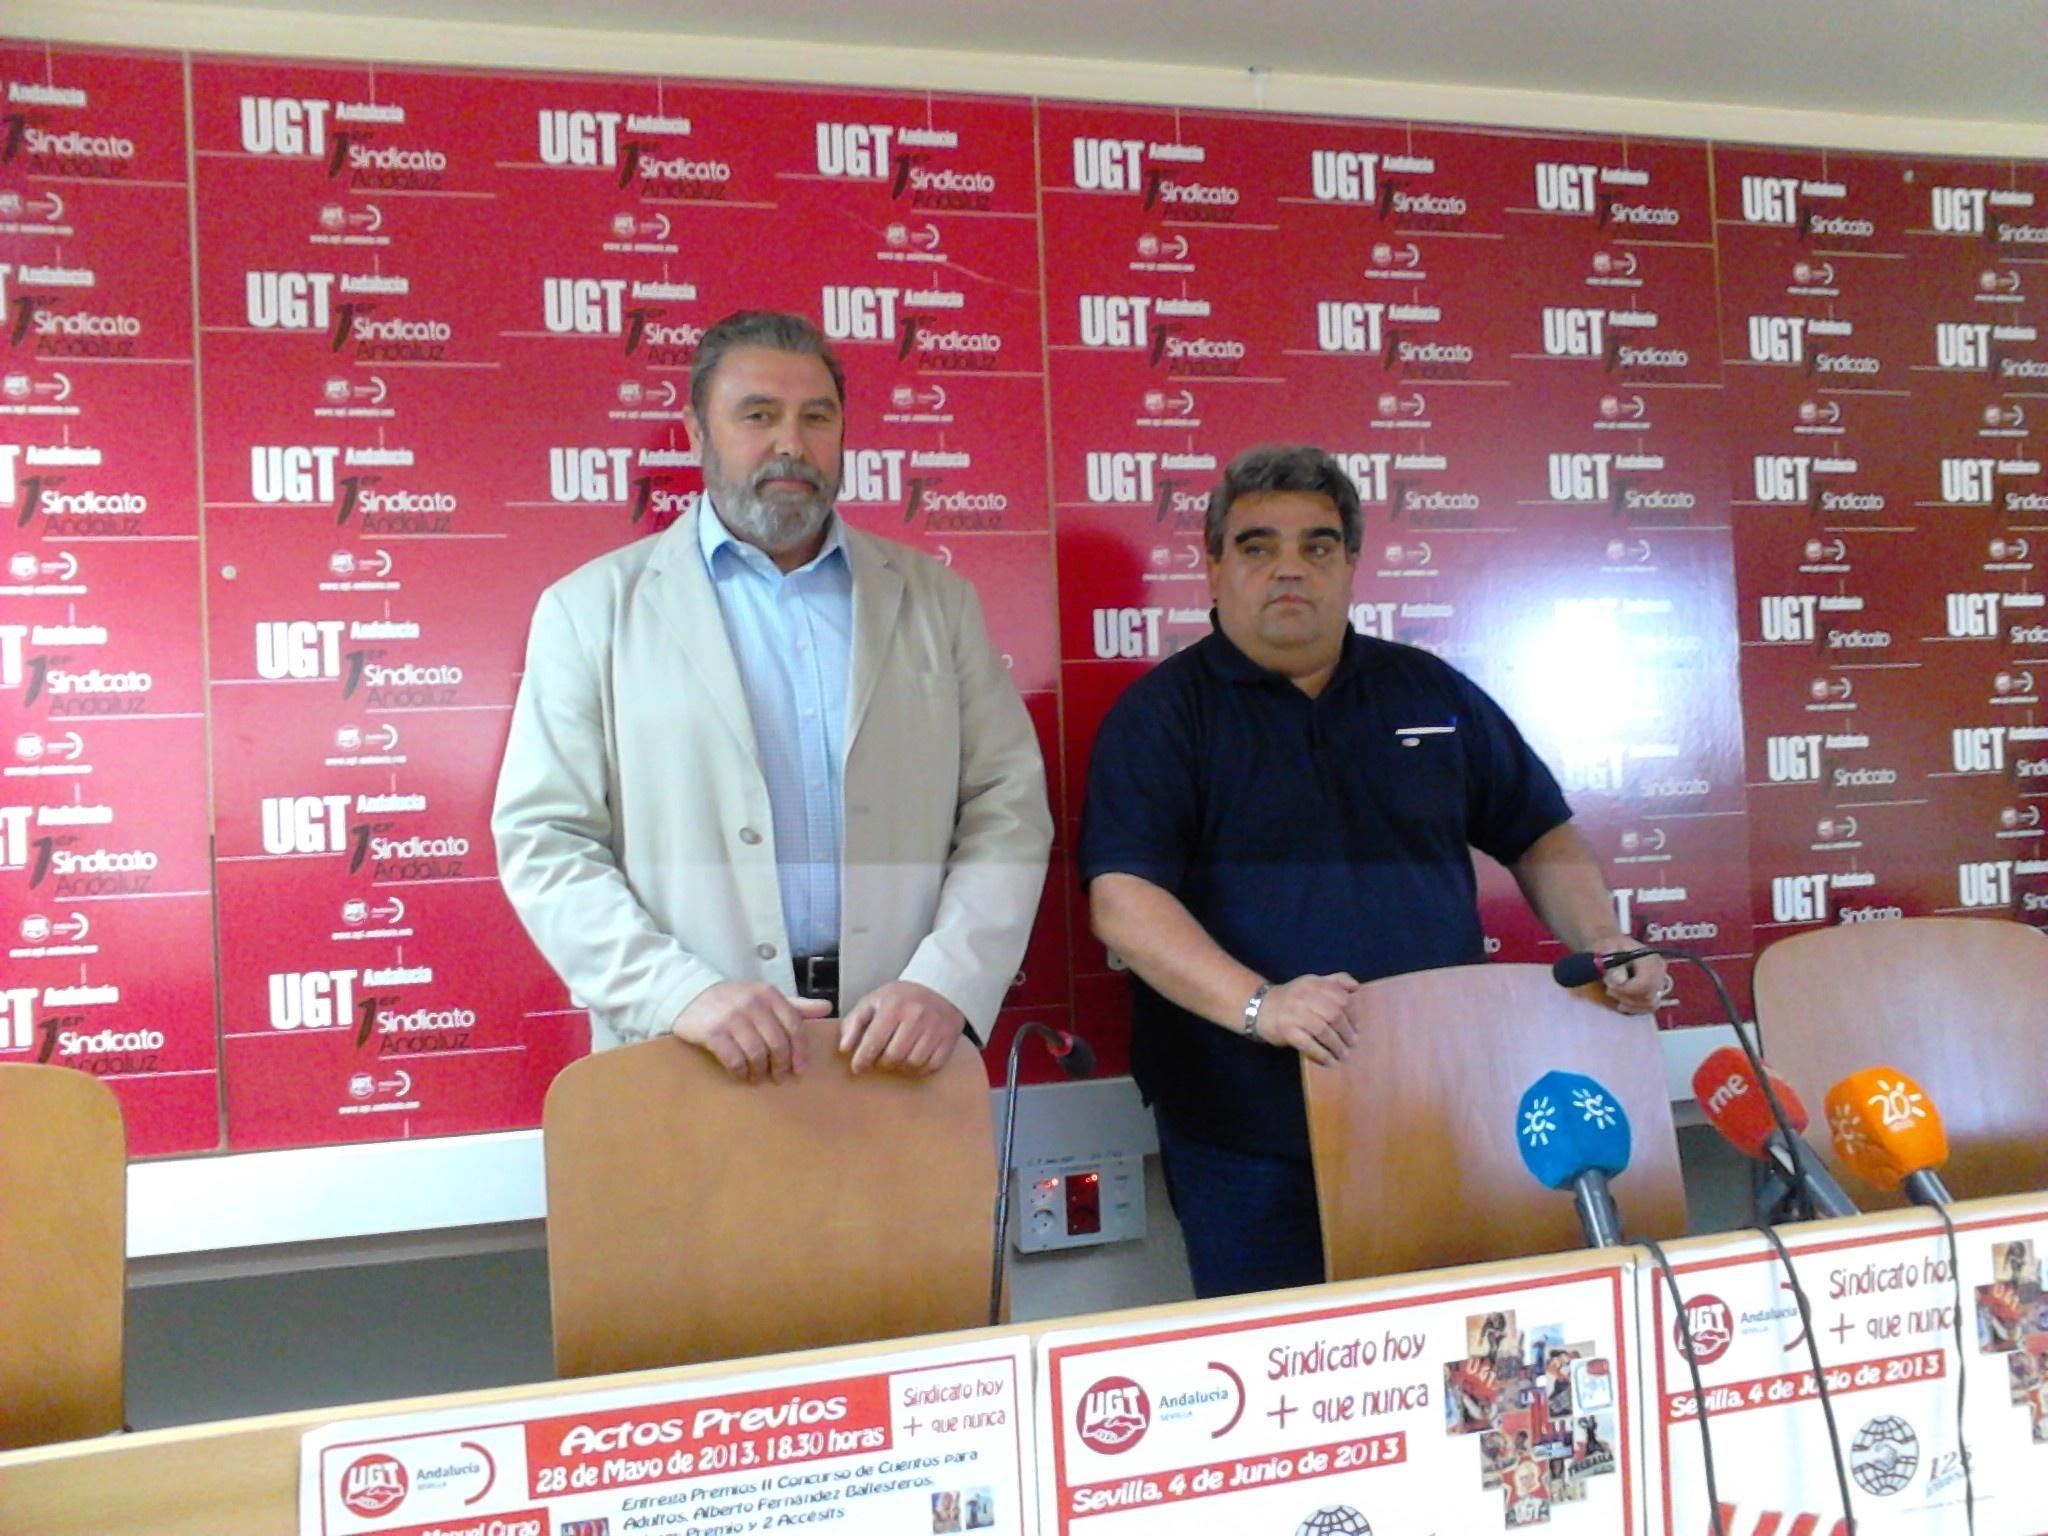 UGT celebra este martes su congreso ordinario con la única candidatura del exalcalde socialista de Palomares